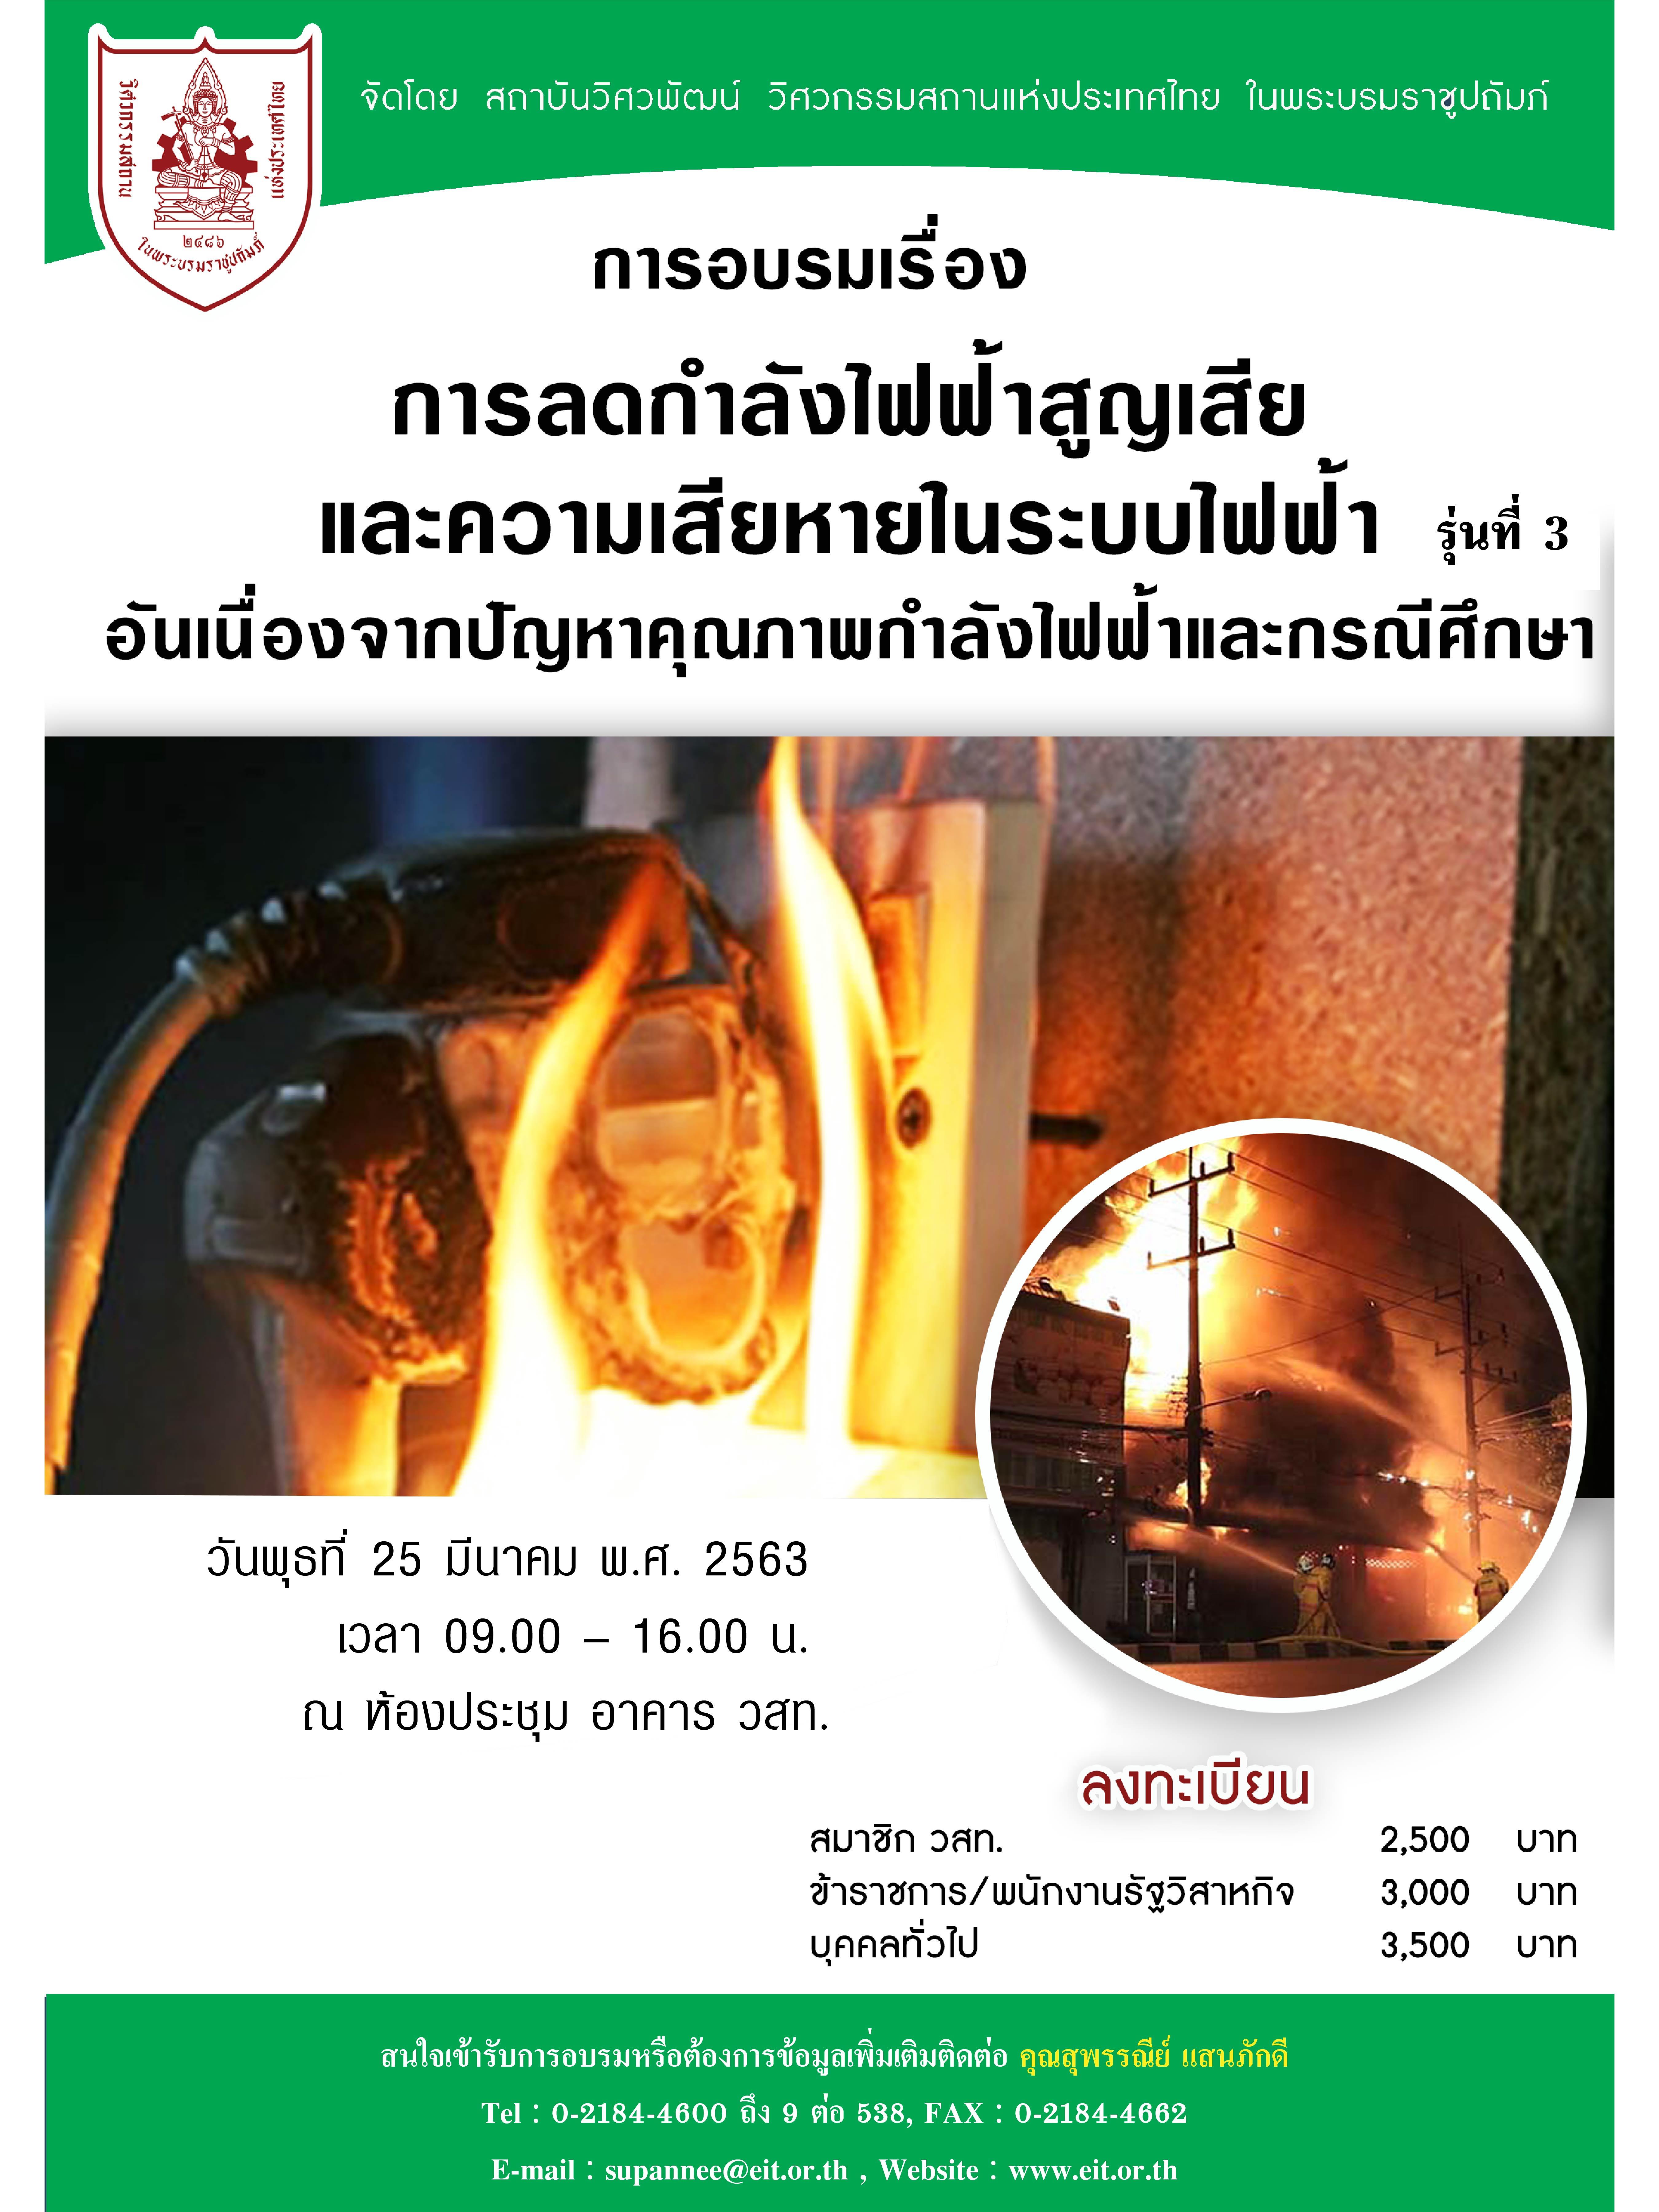 25/03/2563 การอบรมเรื่อง การลดกำลังไฟฟ้าสูญเสียและความเสียหายในระบบไฟฟ้า อันเนื่องจากปัญหาคุณภาพกำลังไฟฟ้าและกรณีศึกษา  รุ่นที่ 3